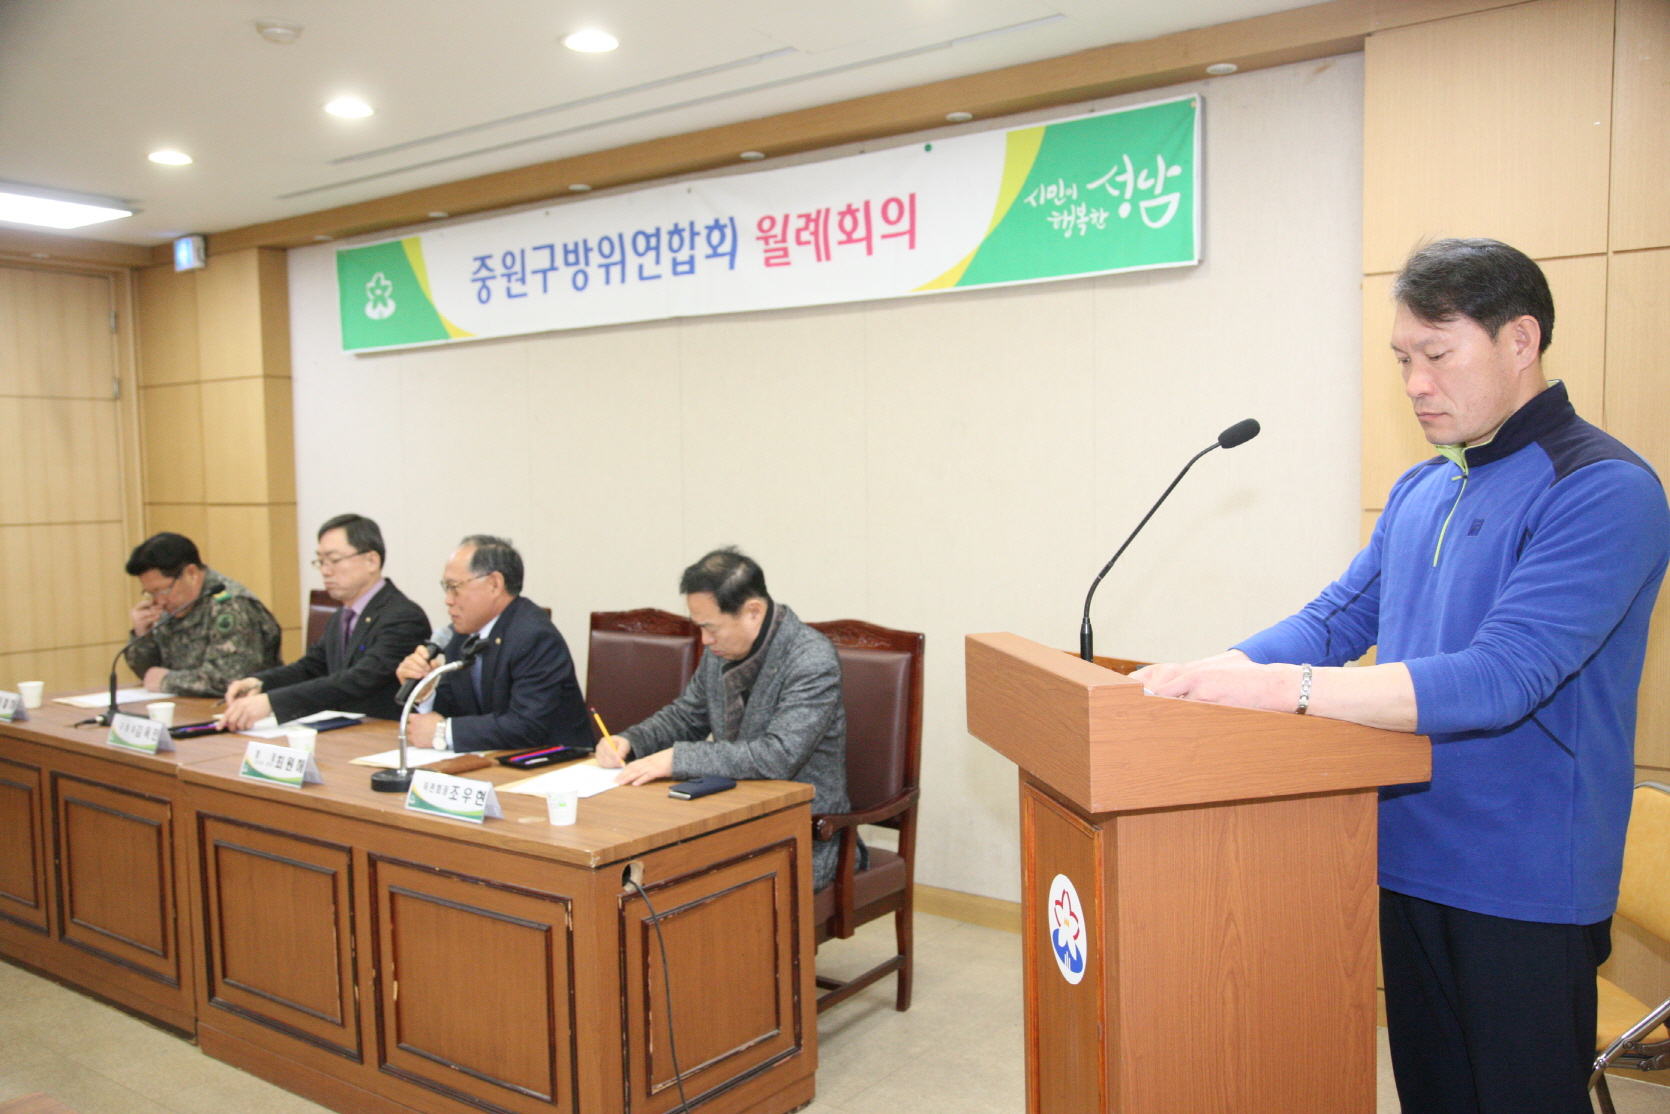 중원구 방위연합회 월례회의